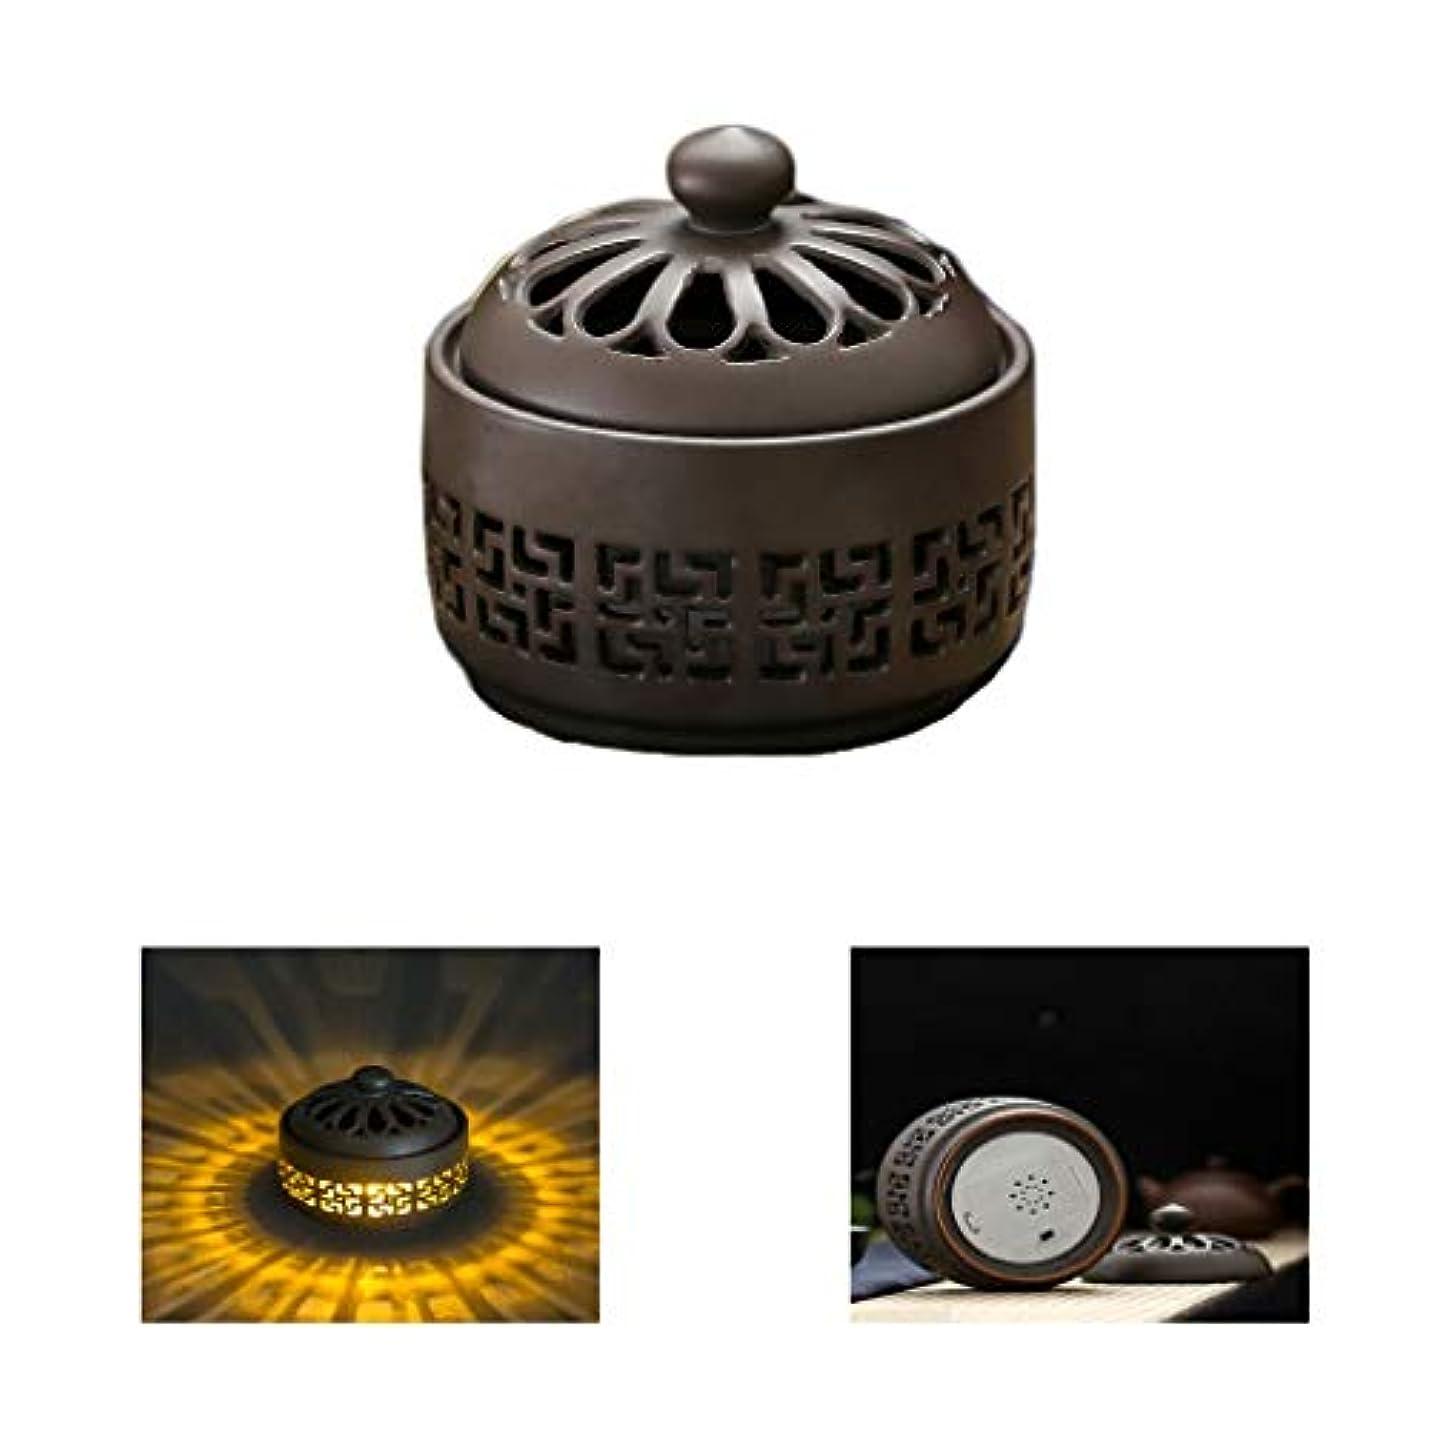 美人蒸気へこみ芳香器?アロマバーナー LED暖かい光香バーナーレトロノスタルジックなセラミック香炉高温アロマセラピー炉 アロマバーナー (Color : Earth tones)